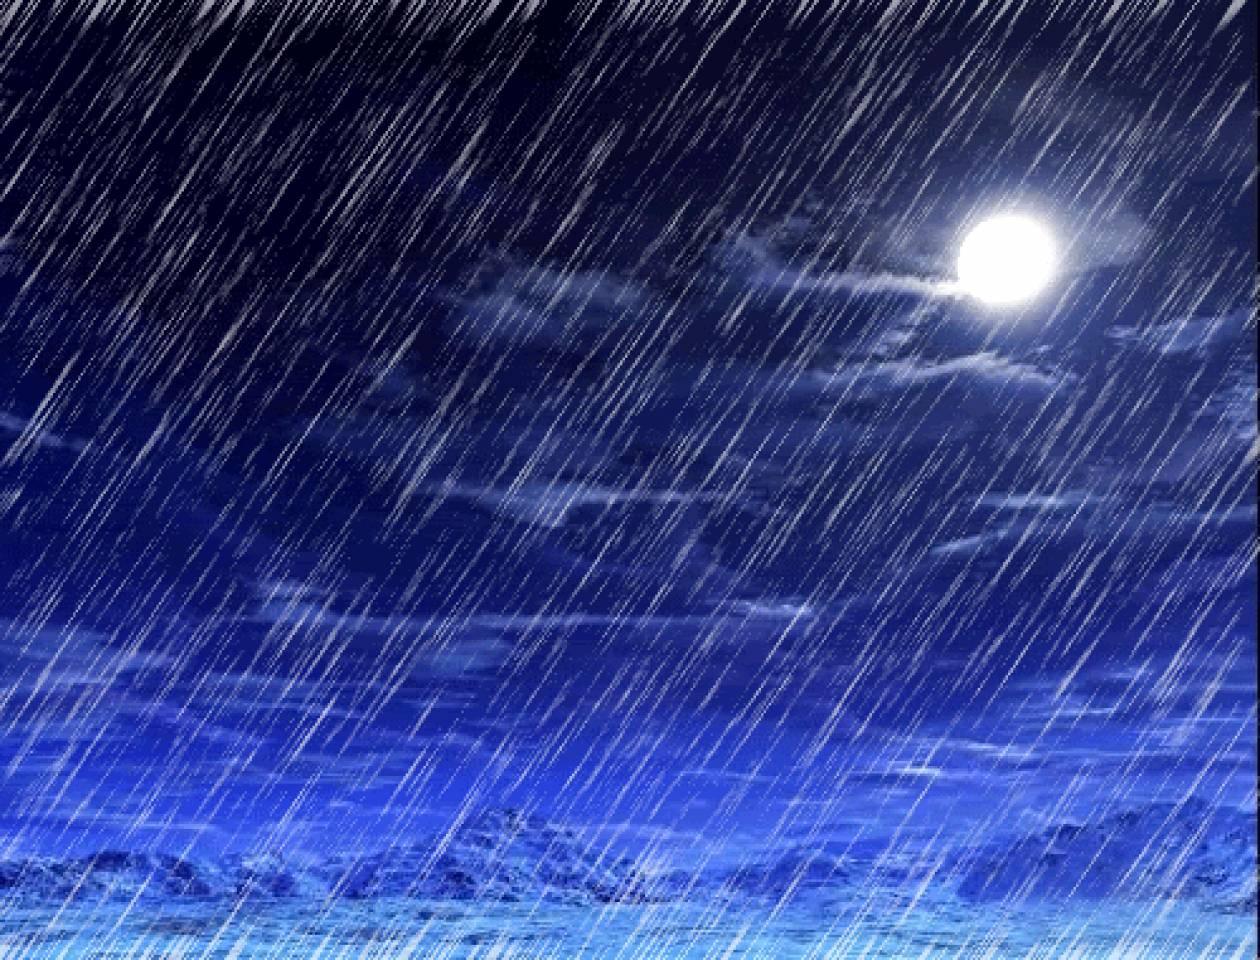 Είναι αλήθεια ότι μετά από κάθε πανσέληνο βρέχει;